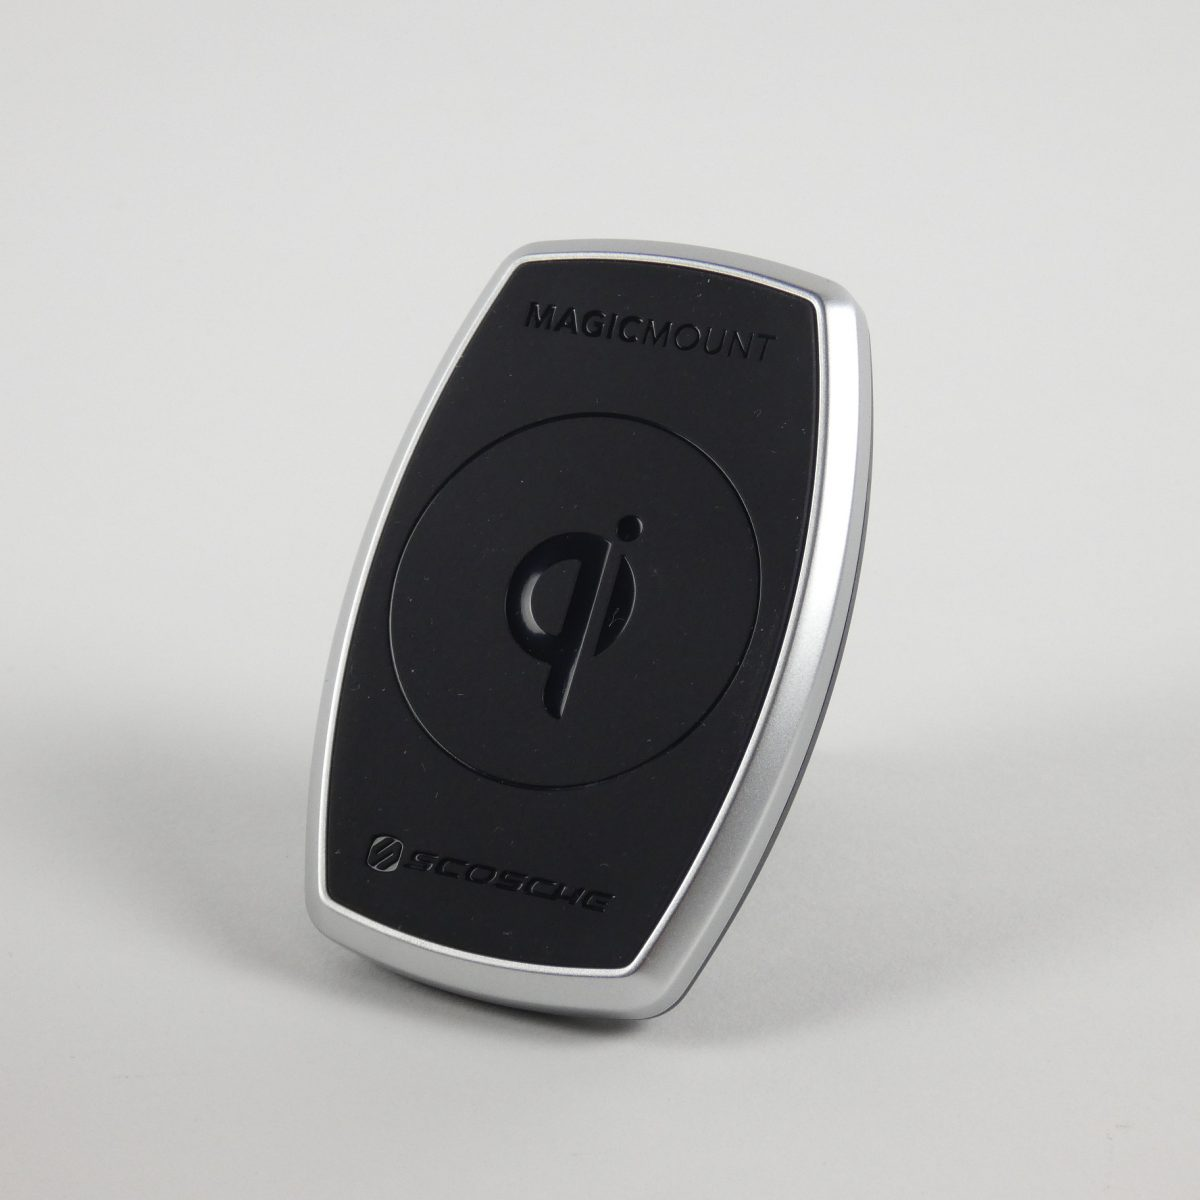 Contactloos laden ventilatierooster telefoon standaard